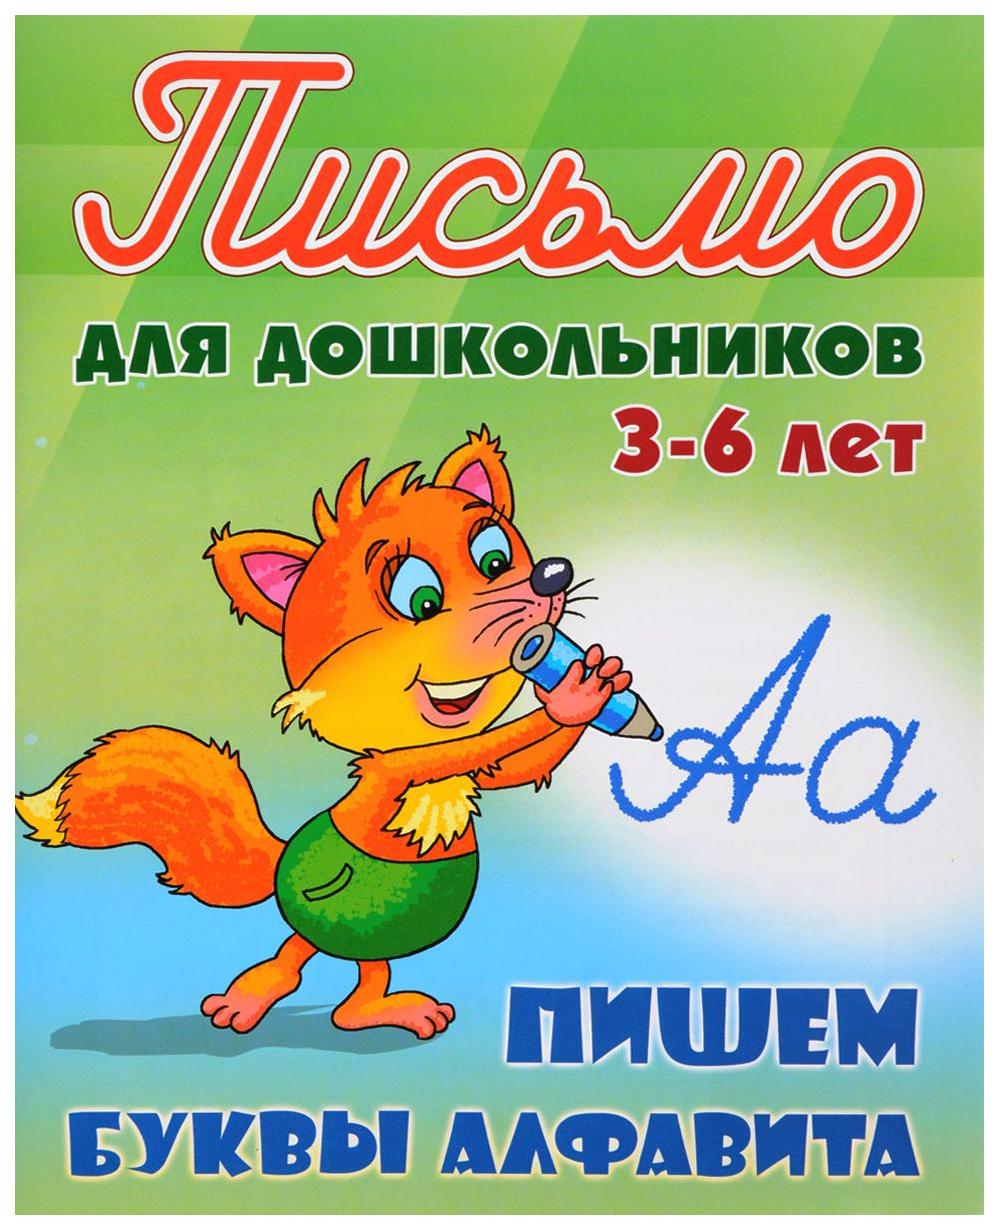 Петренко, письмо для Дошкольников, 3-6 лет, пишем Буквы правильно